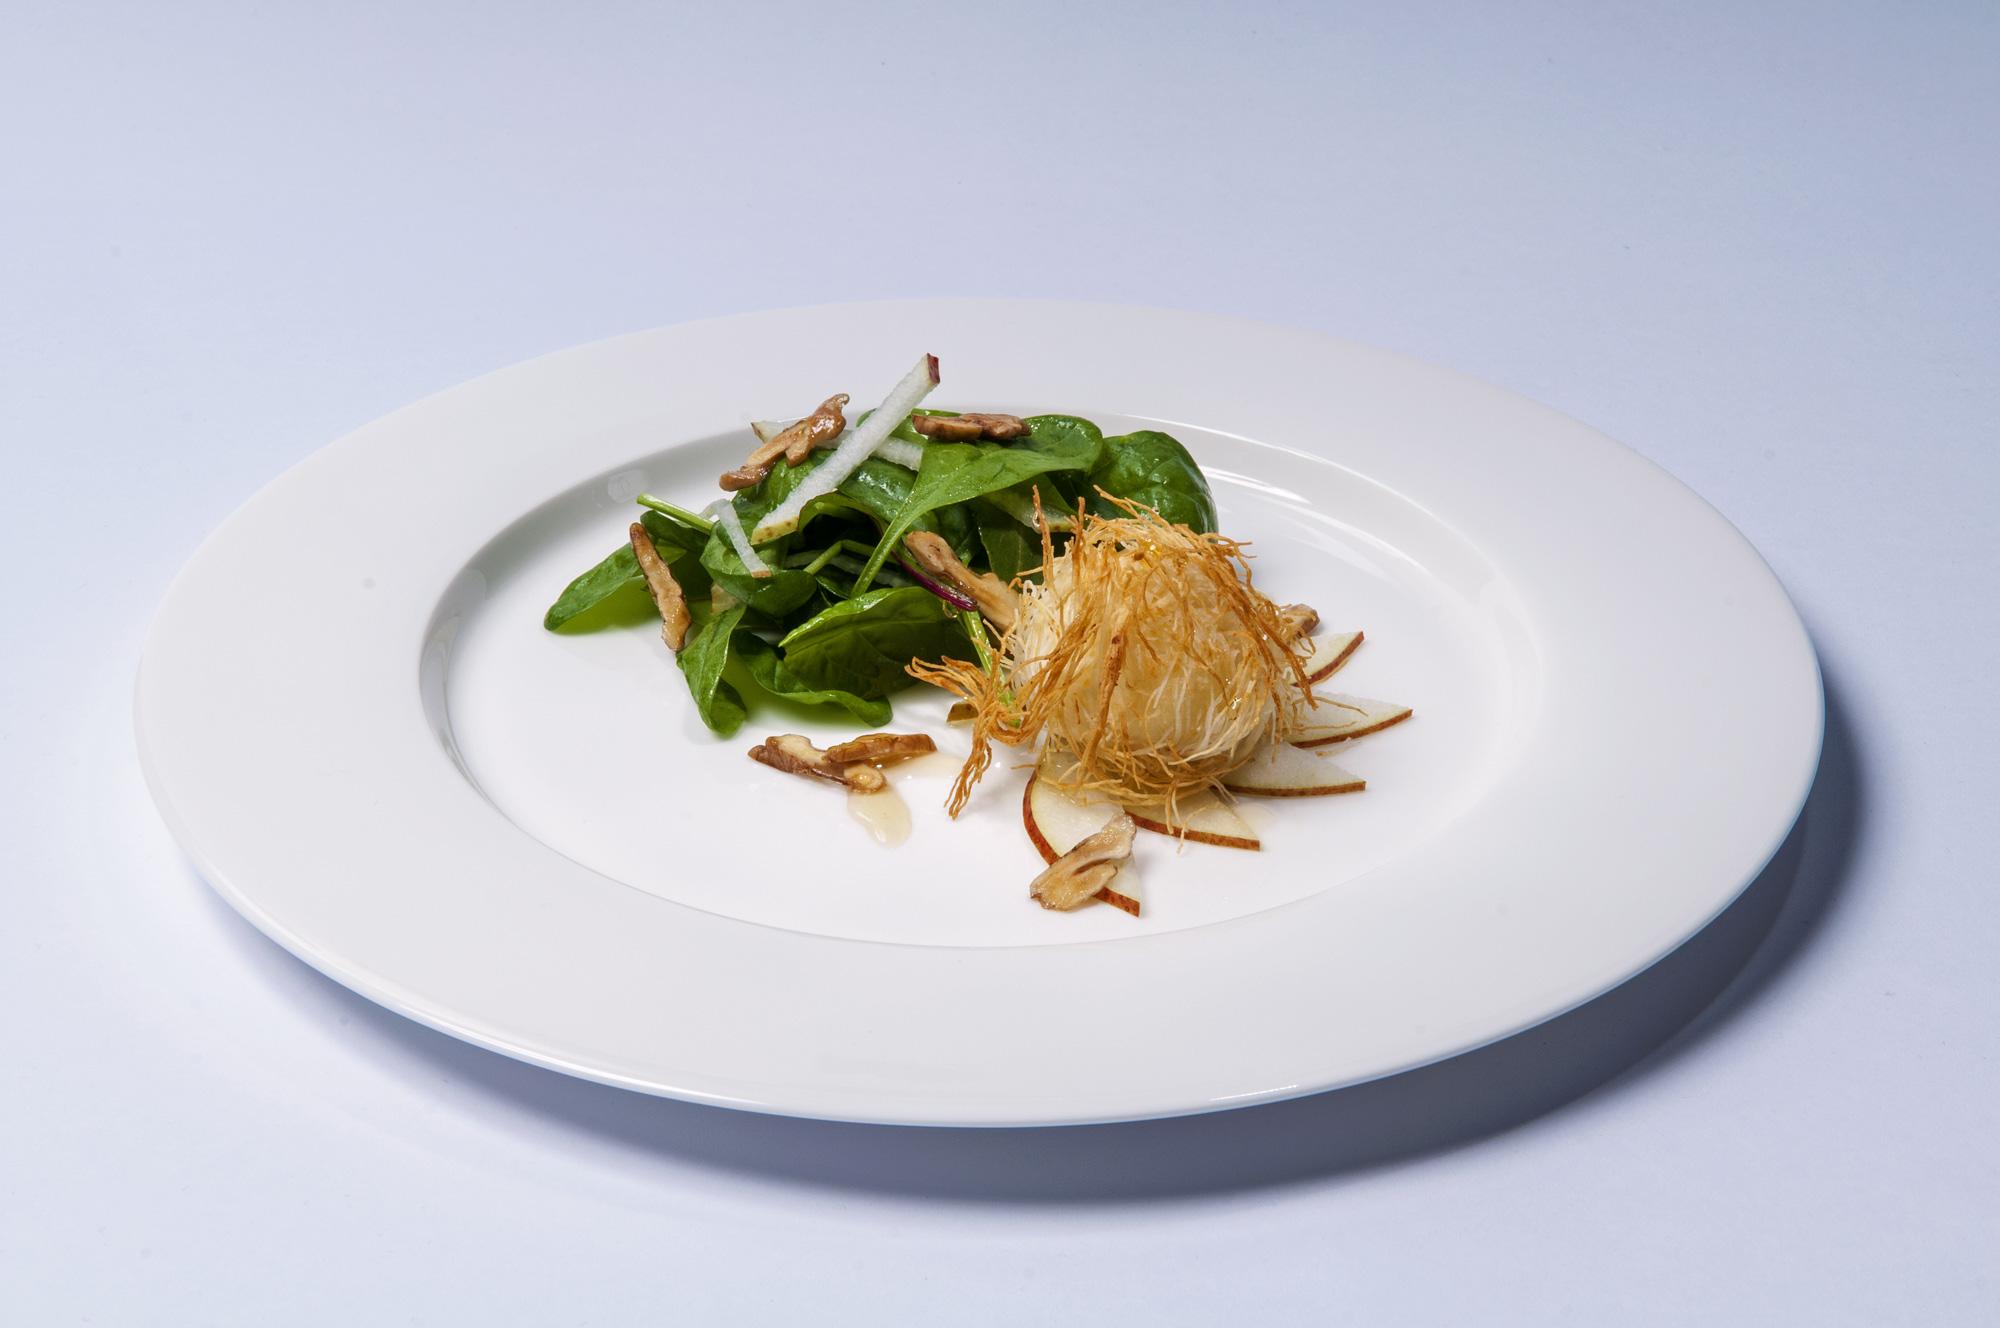 Špenátový salát s hruškami